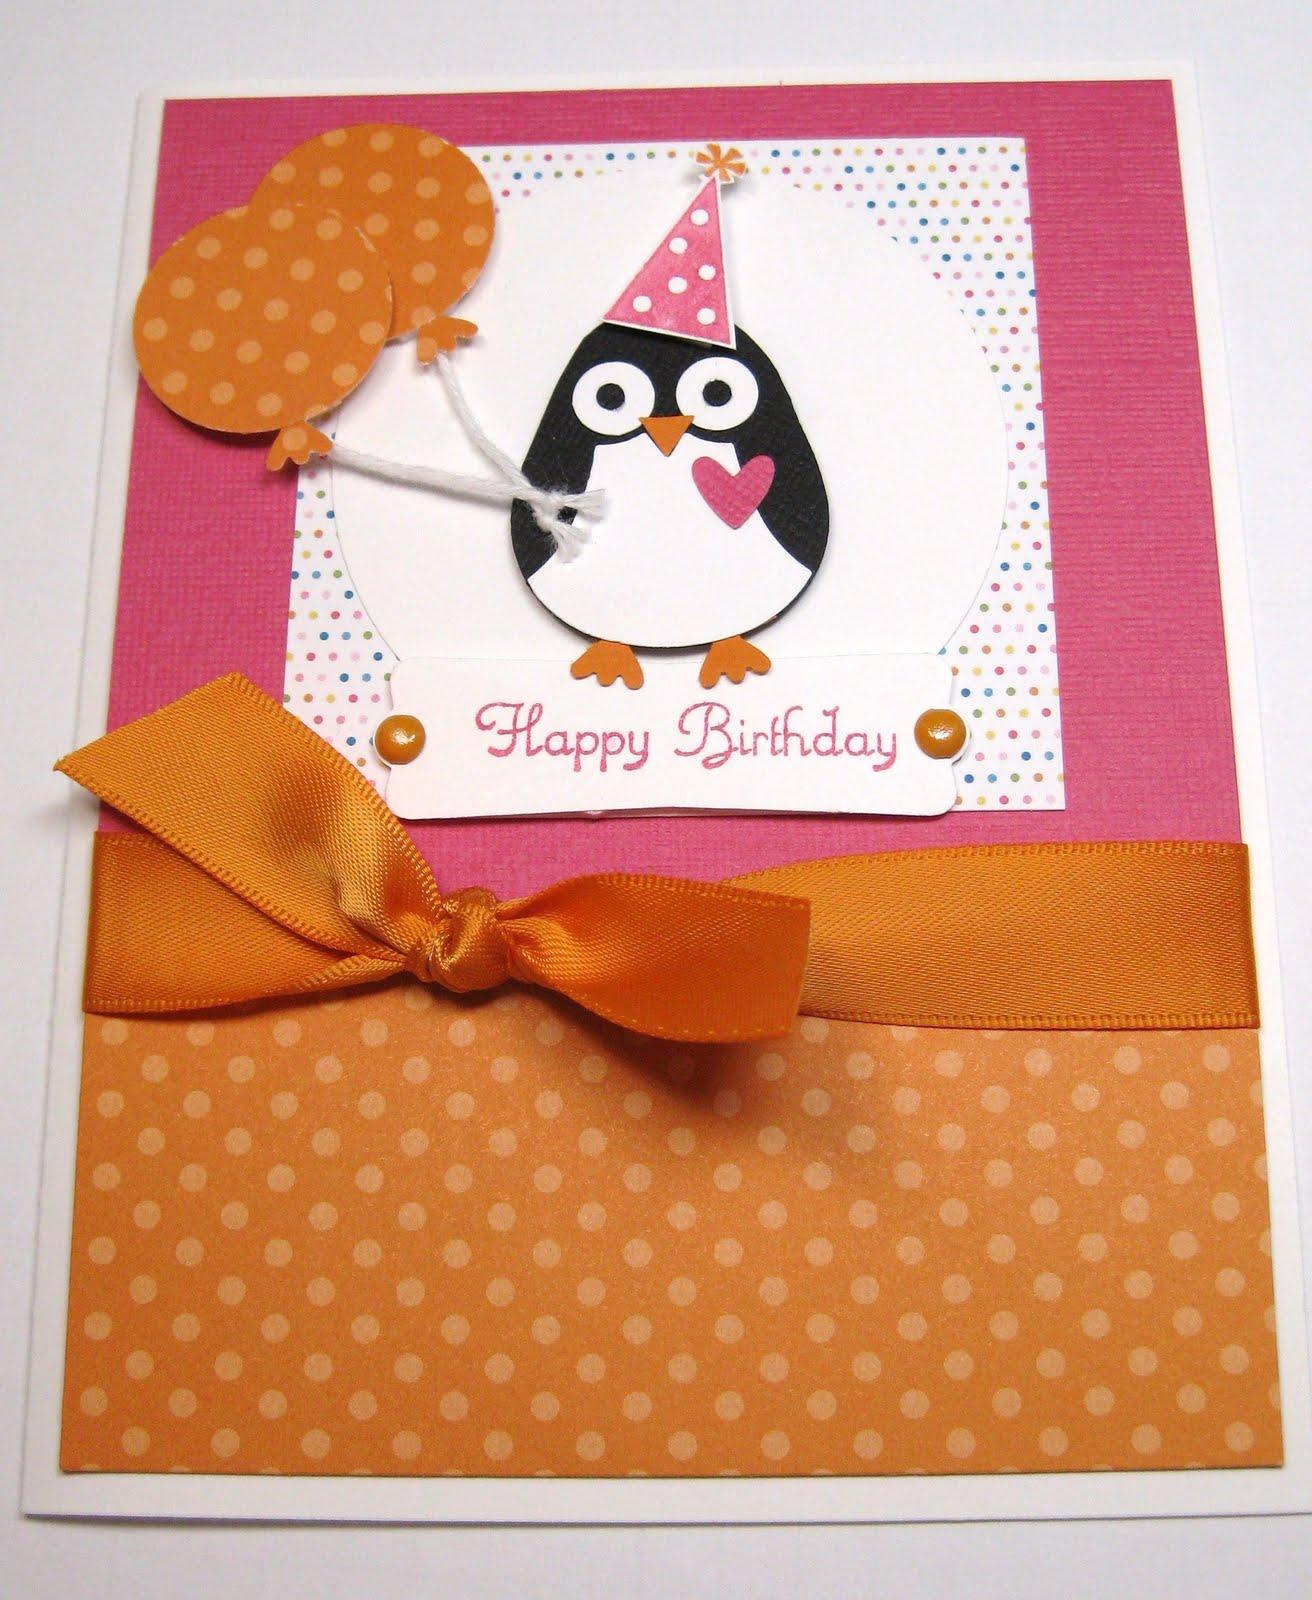 BUNNY: HAPPY BIRTHDAY PENNY